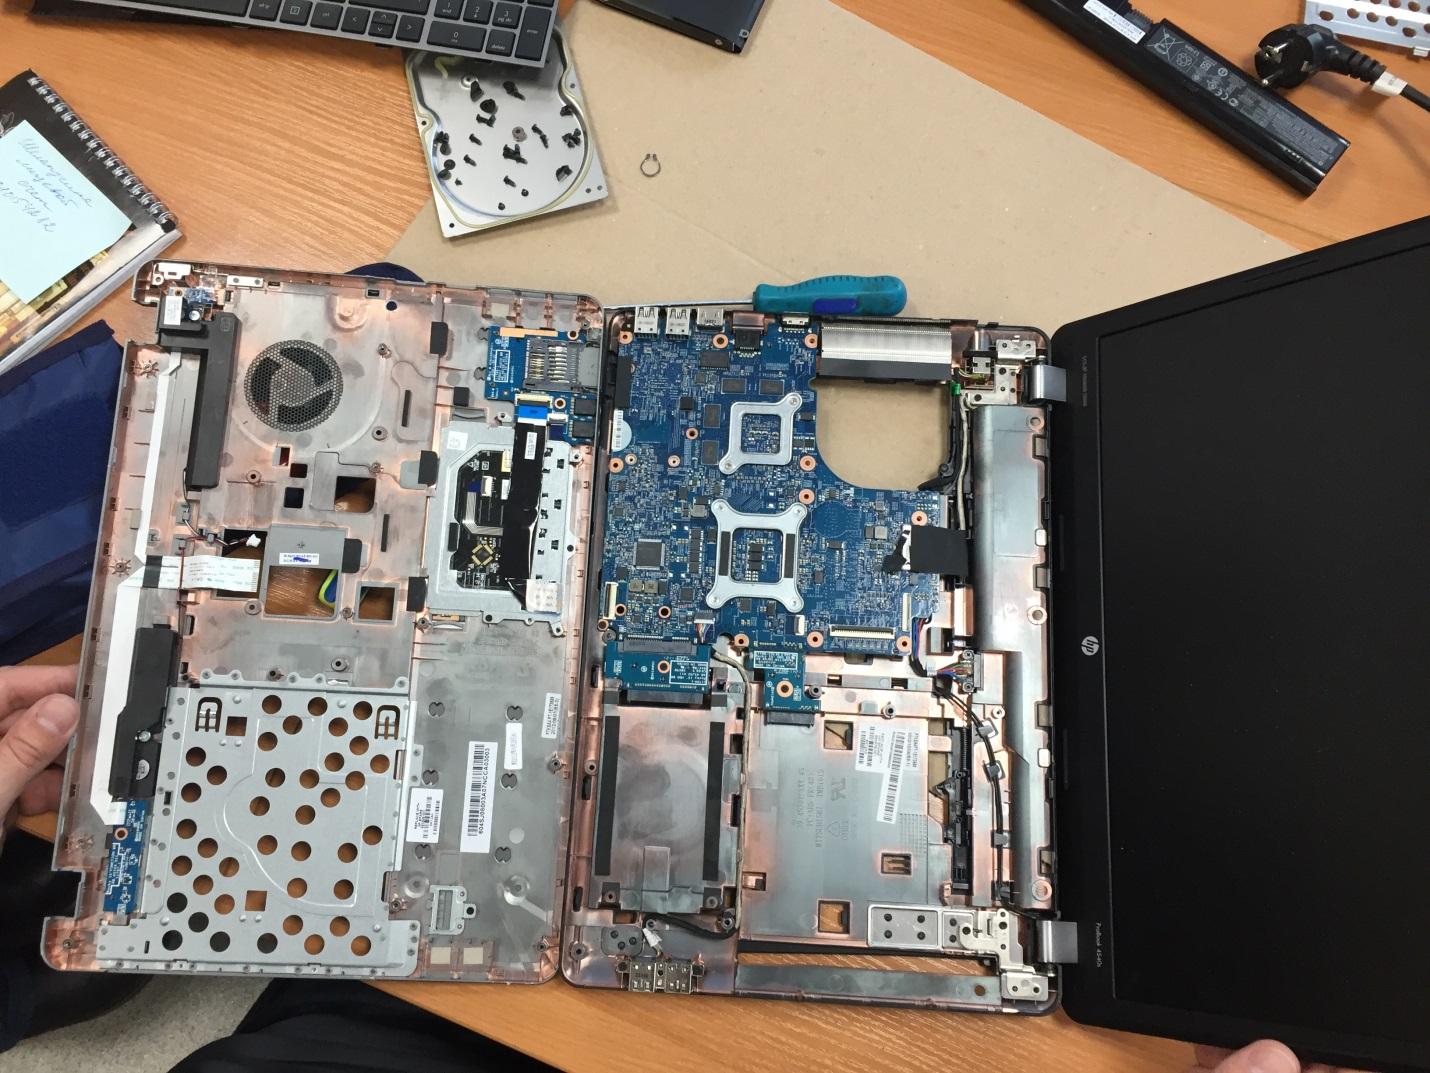 Клавиатура снята, теперь вы можете заменить ее исправной и собрать ноутбук в обратном порядке